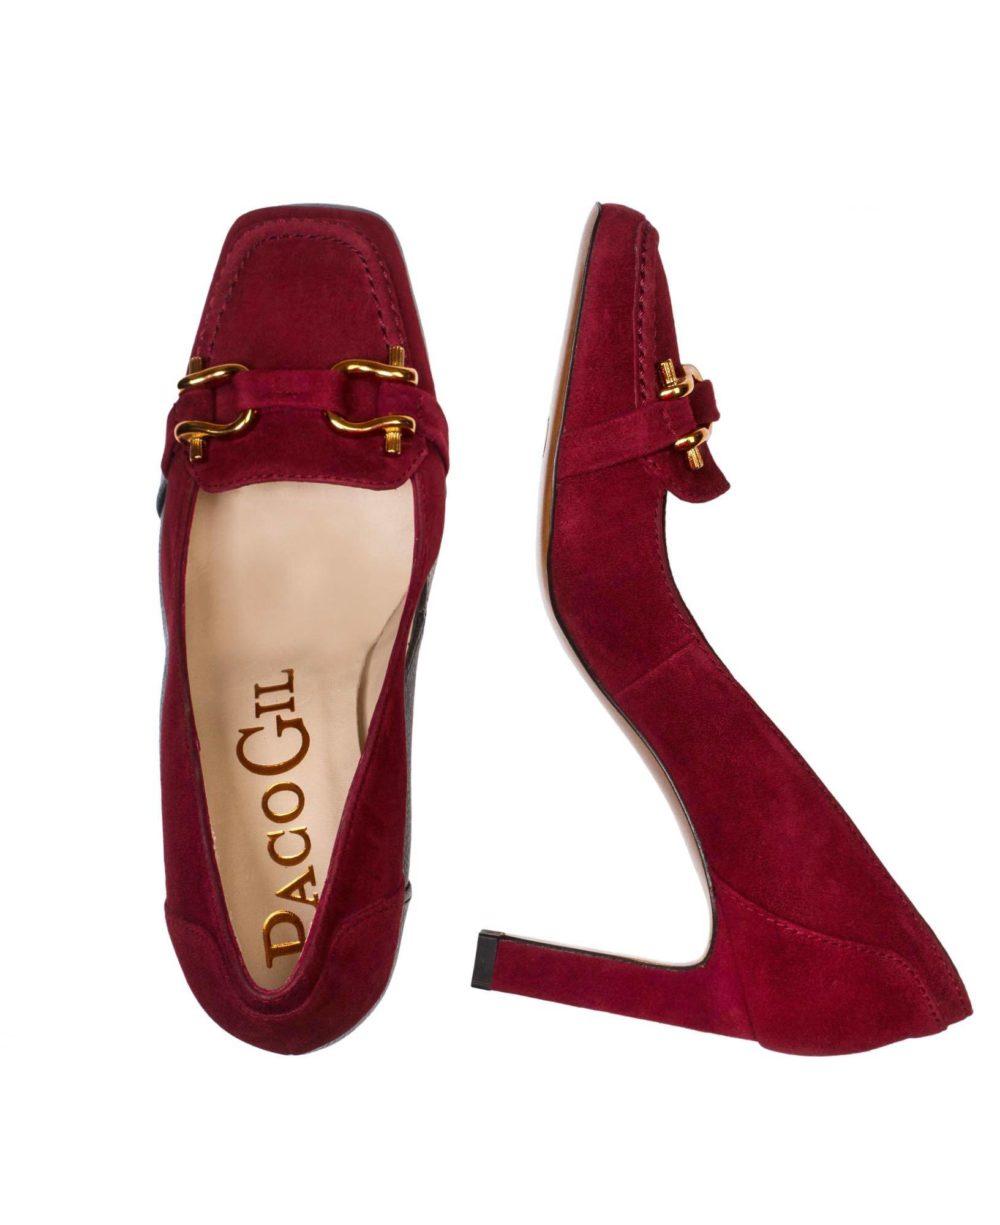 Zapatos de piel Paco Gil -P-3871 Wine Suede C